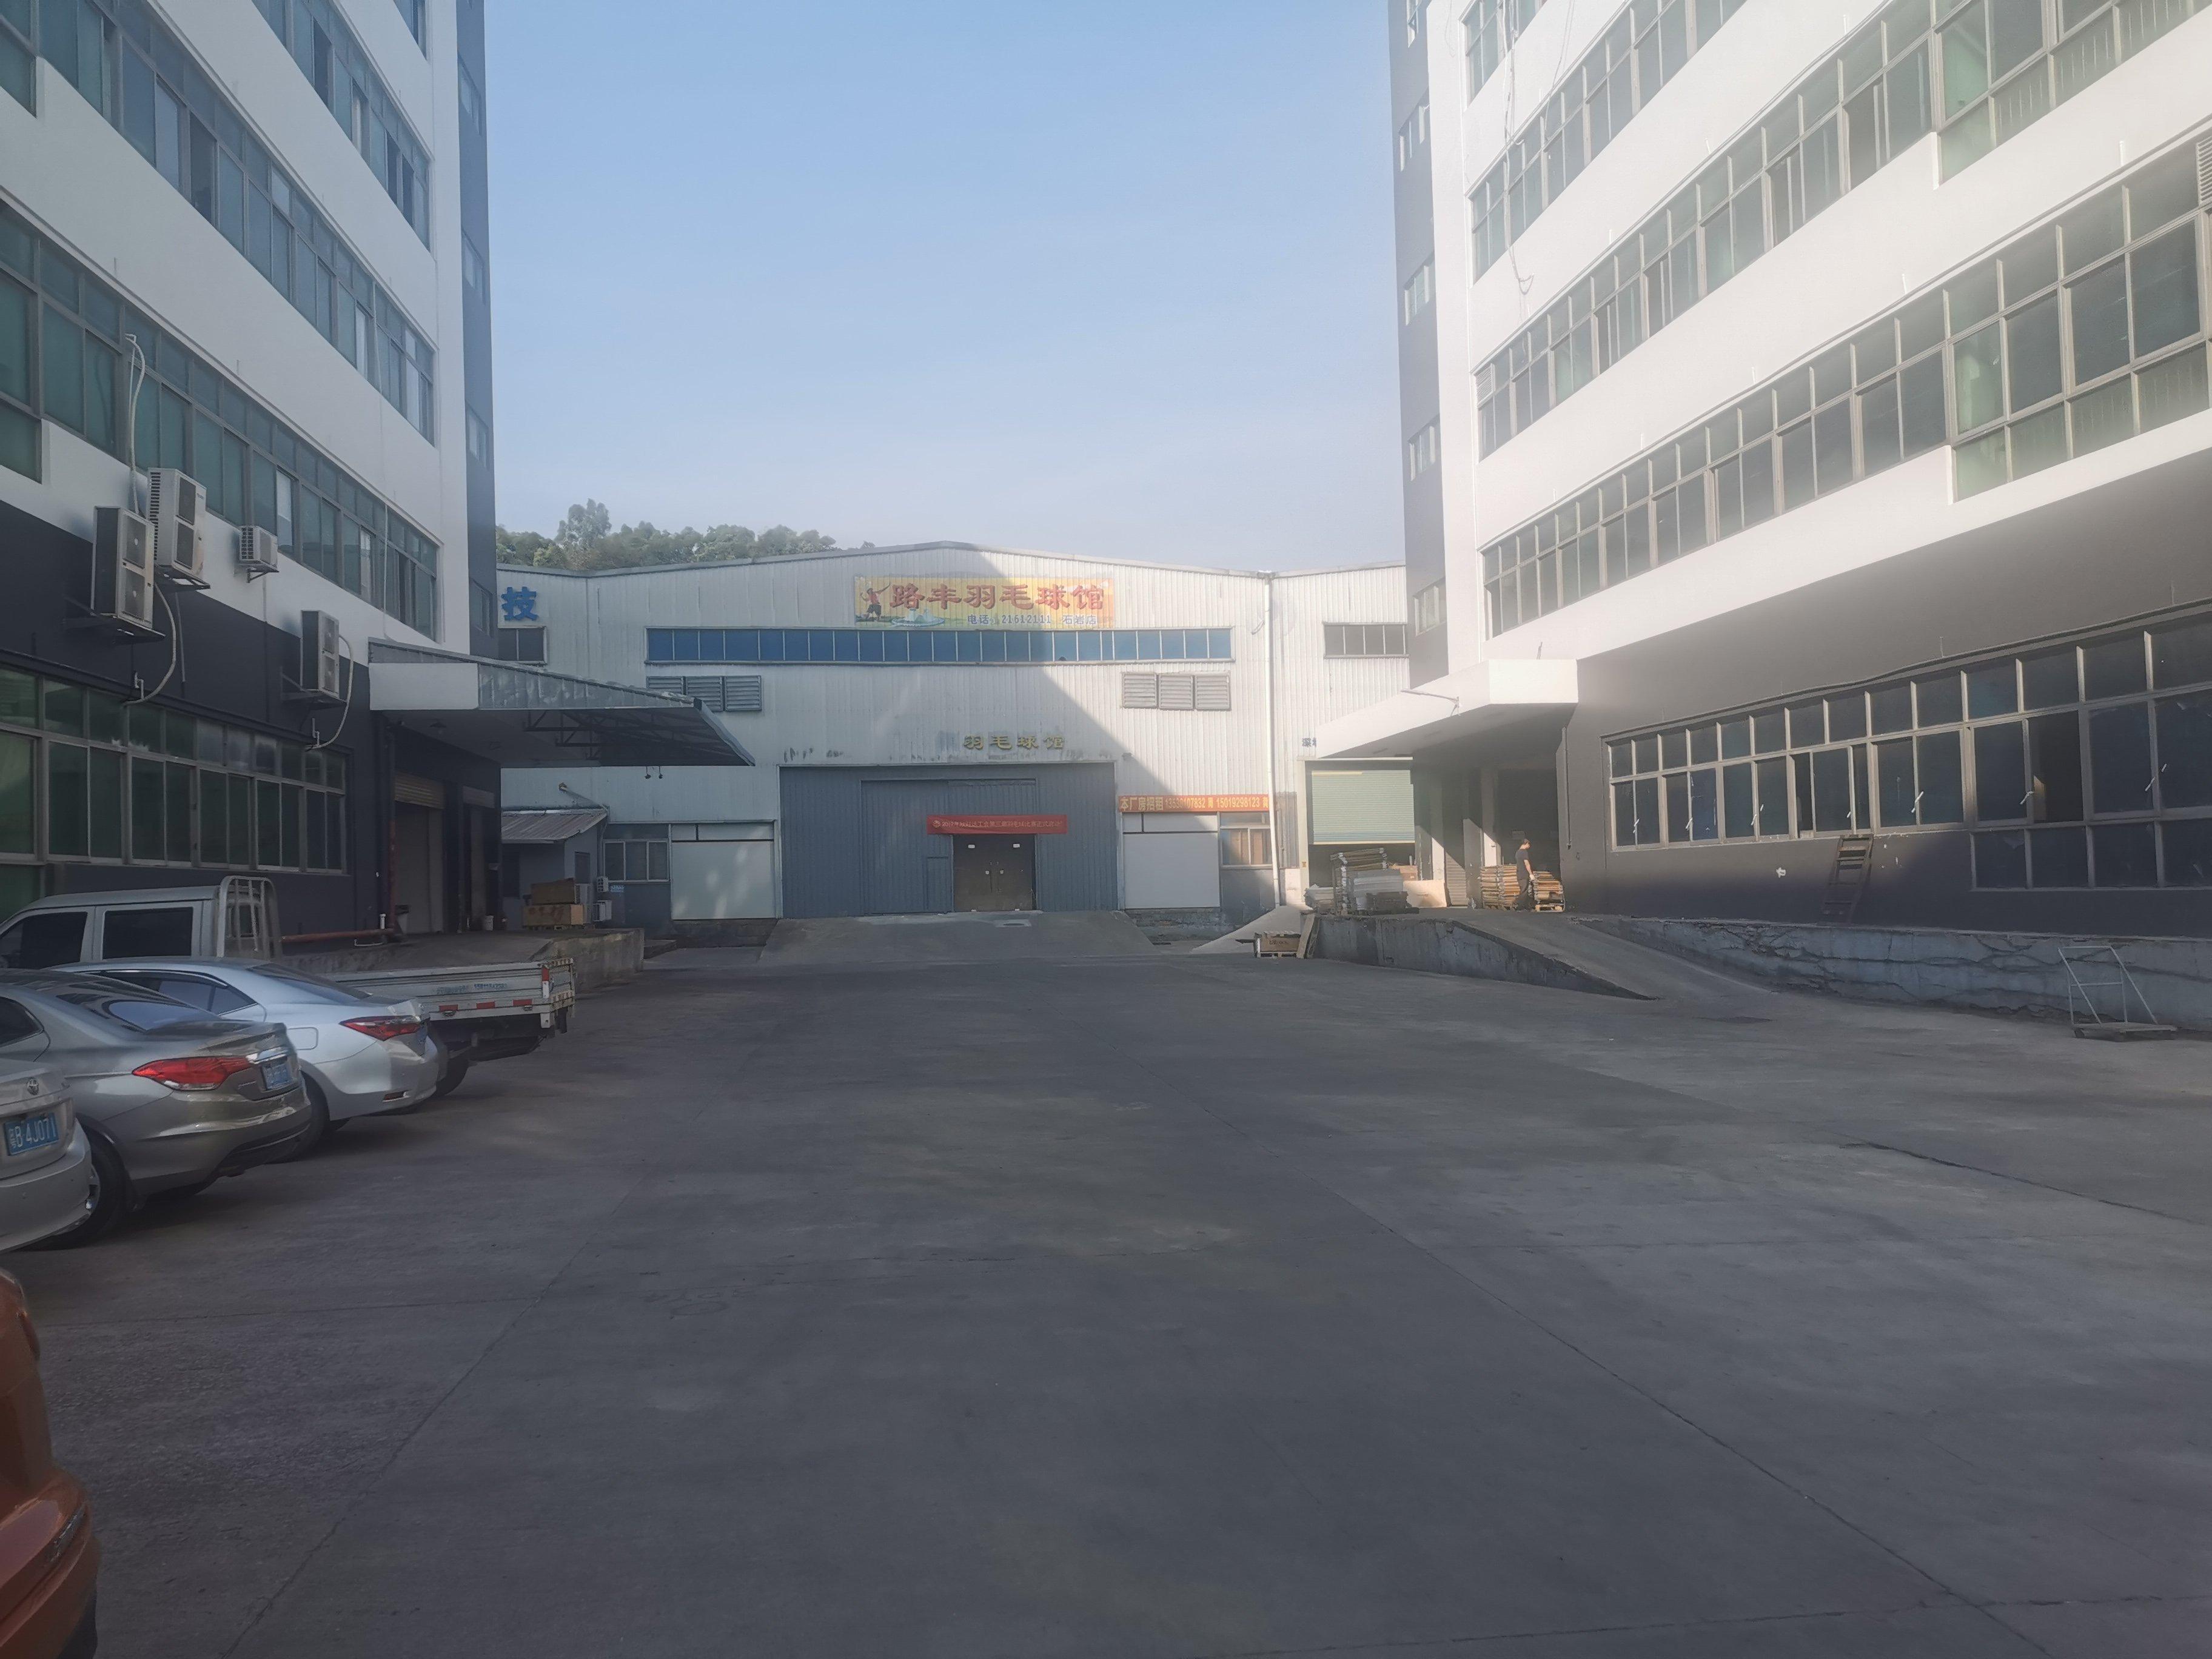 深圳宝安房东诚意出售红本厂房20000平,空地超大形象好